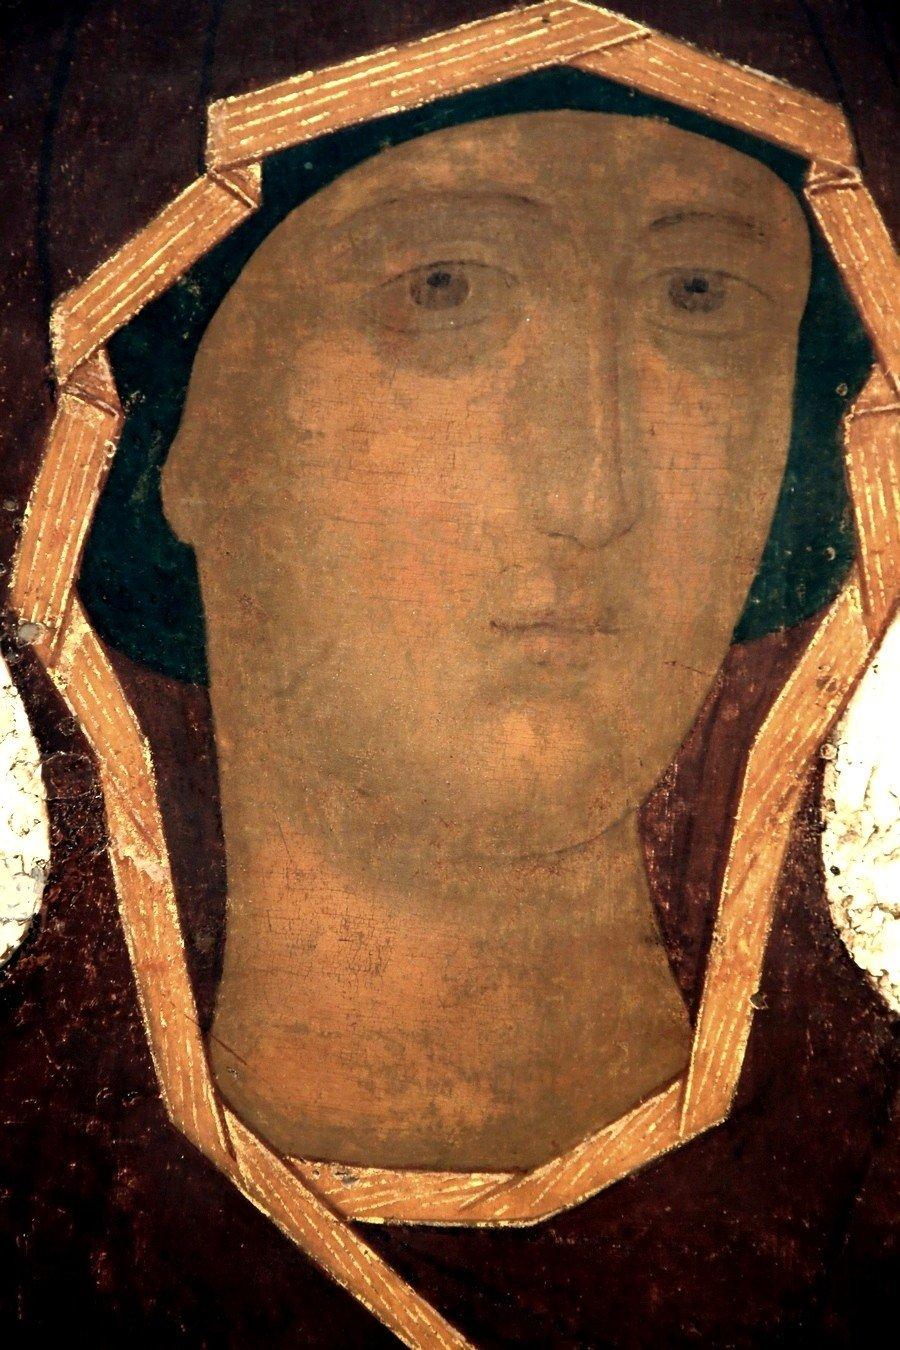 Богоматерь Одигитрия (Путеводительница). Икона Дионисия. Москва, 1482 год. Фрагмент.